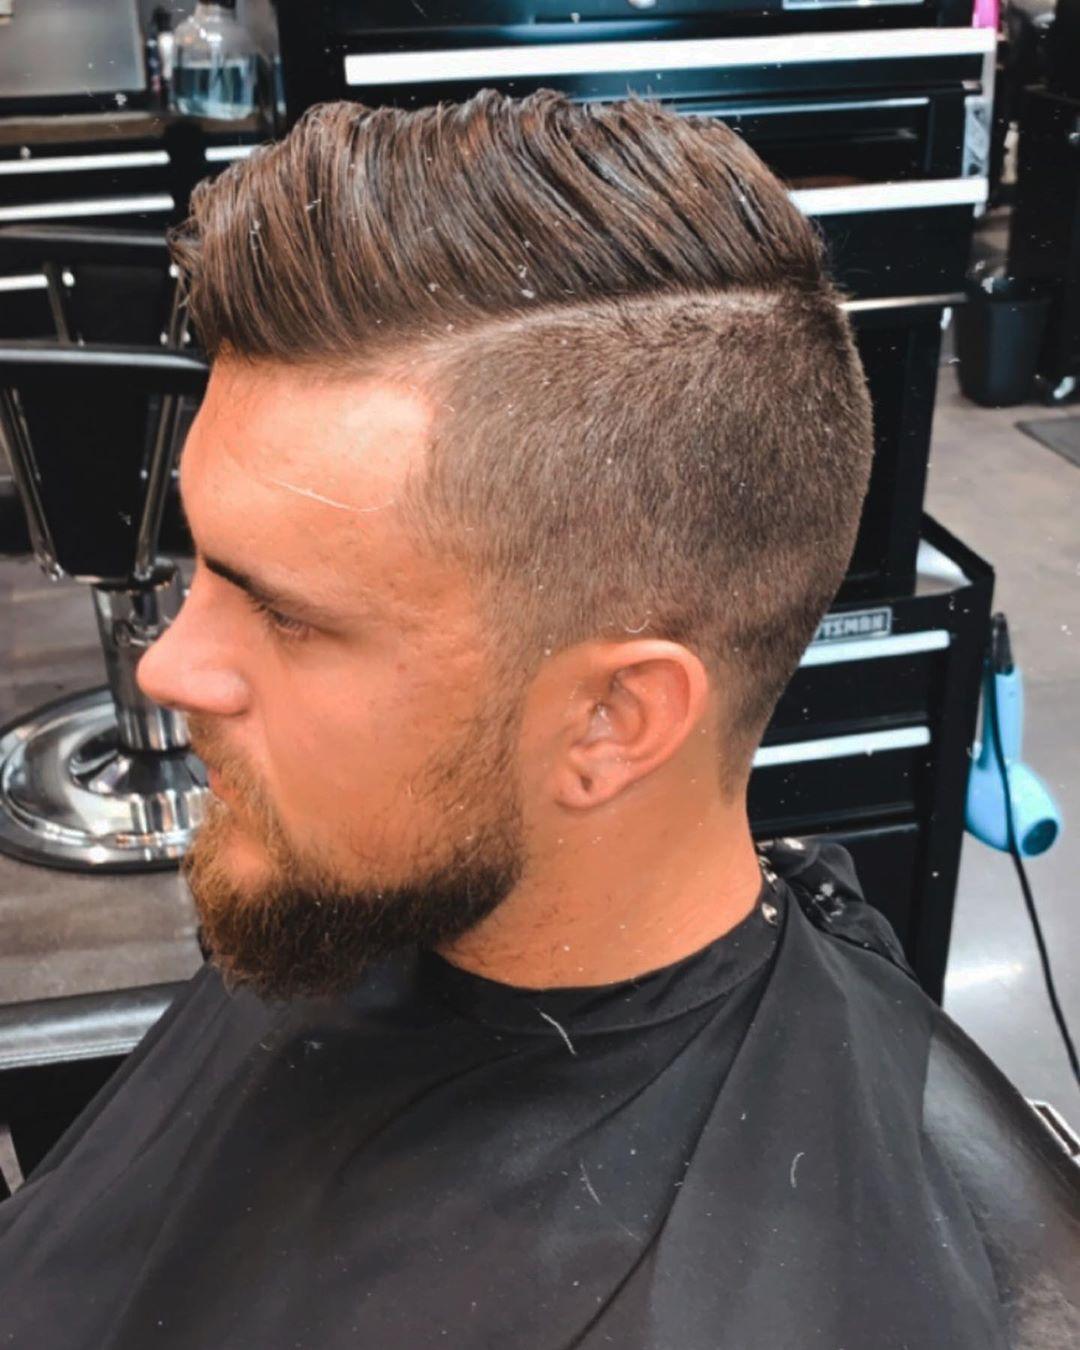 Homme aux cheveux bruns avec un peigne et une sous-coupe.